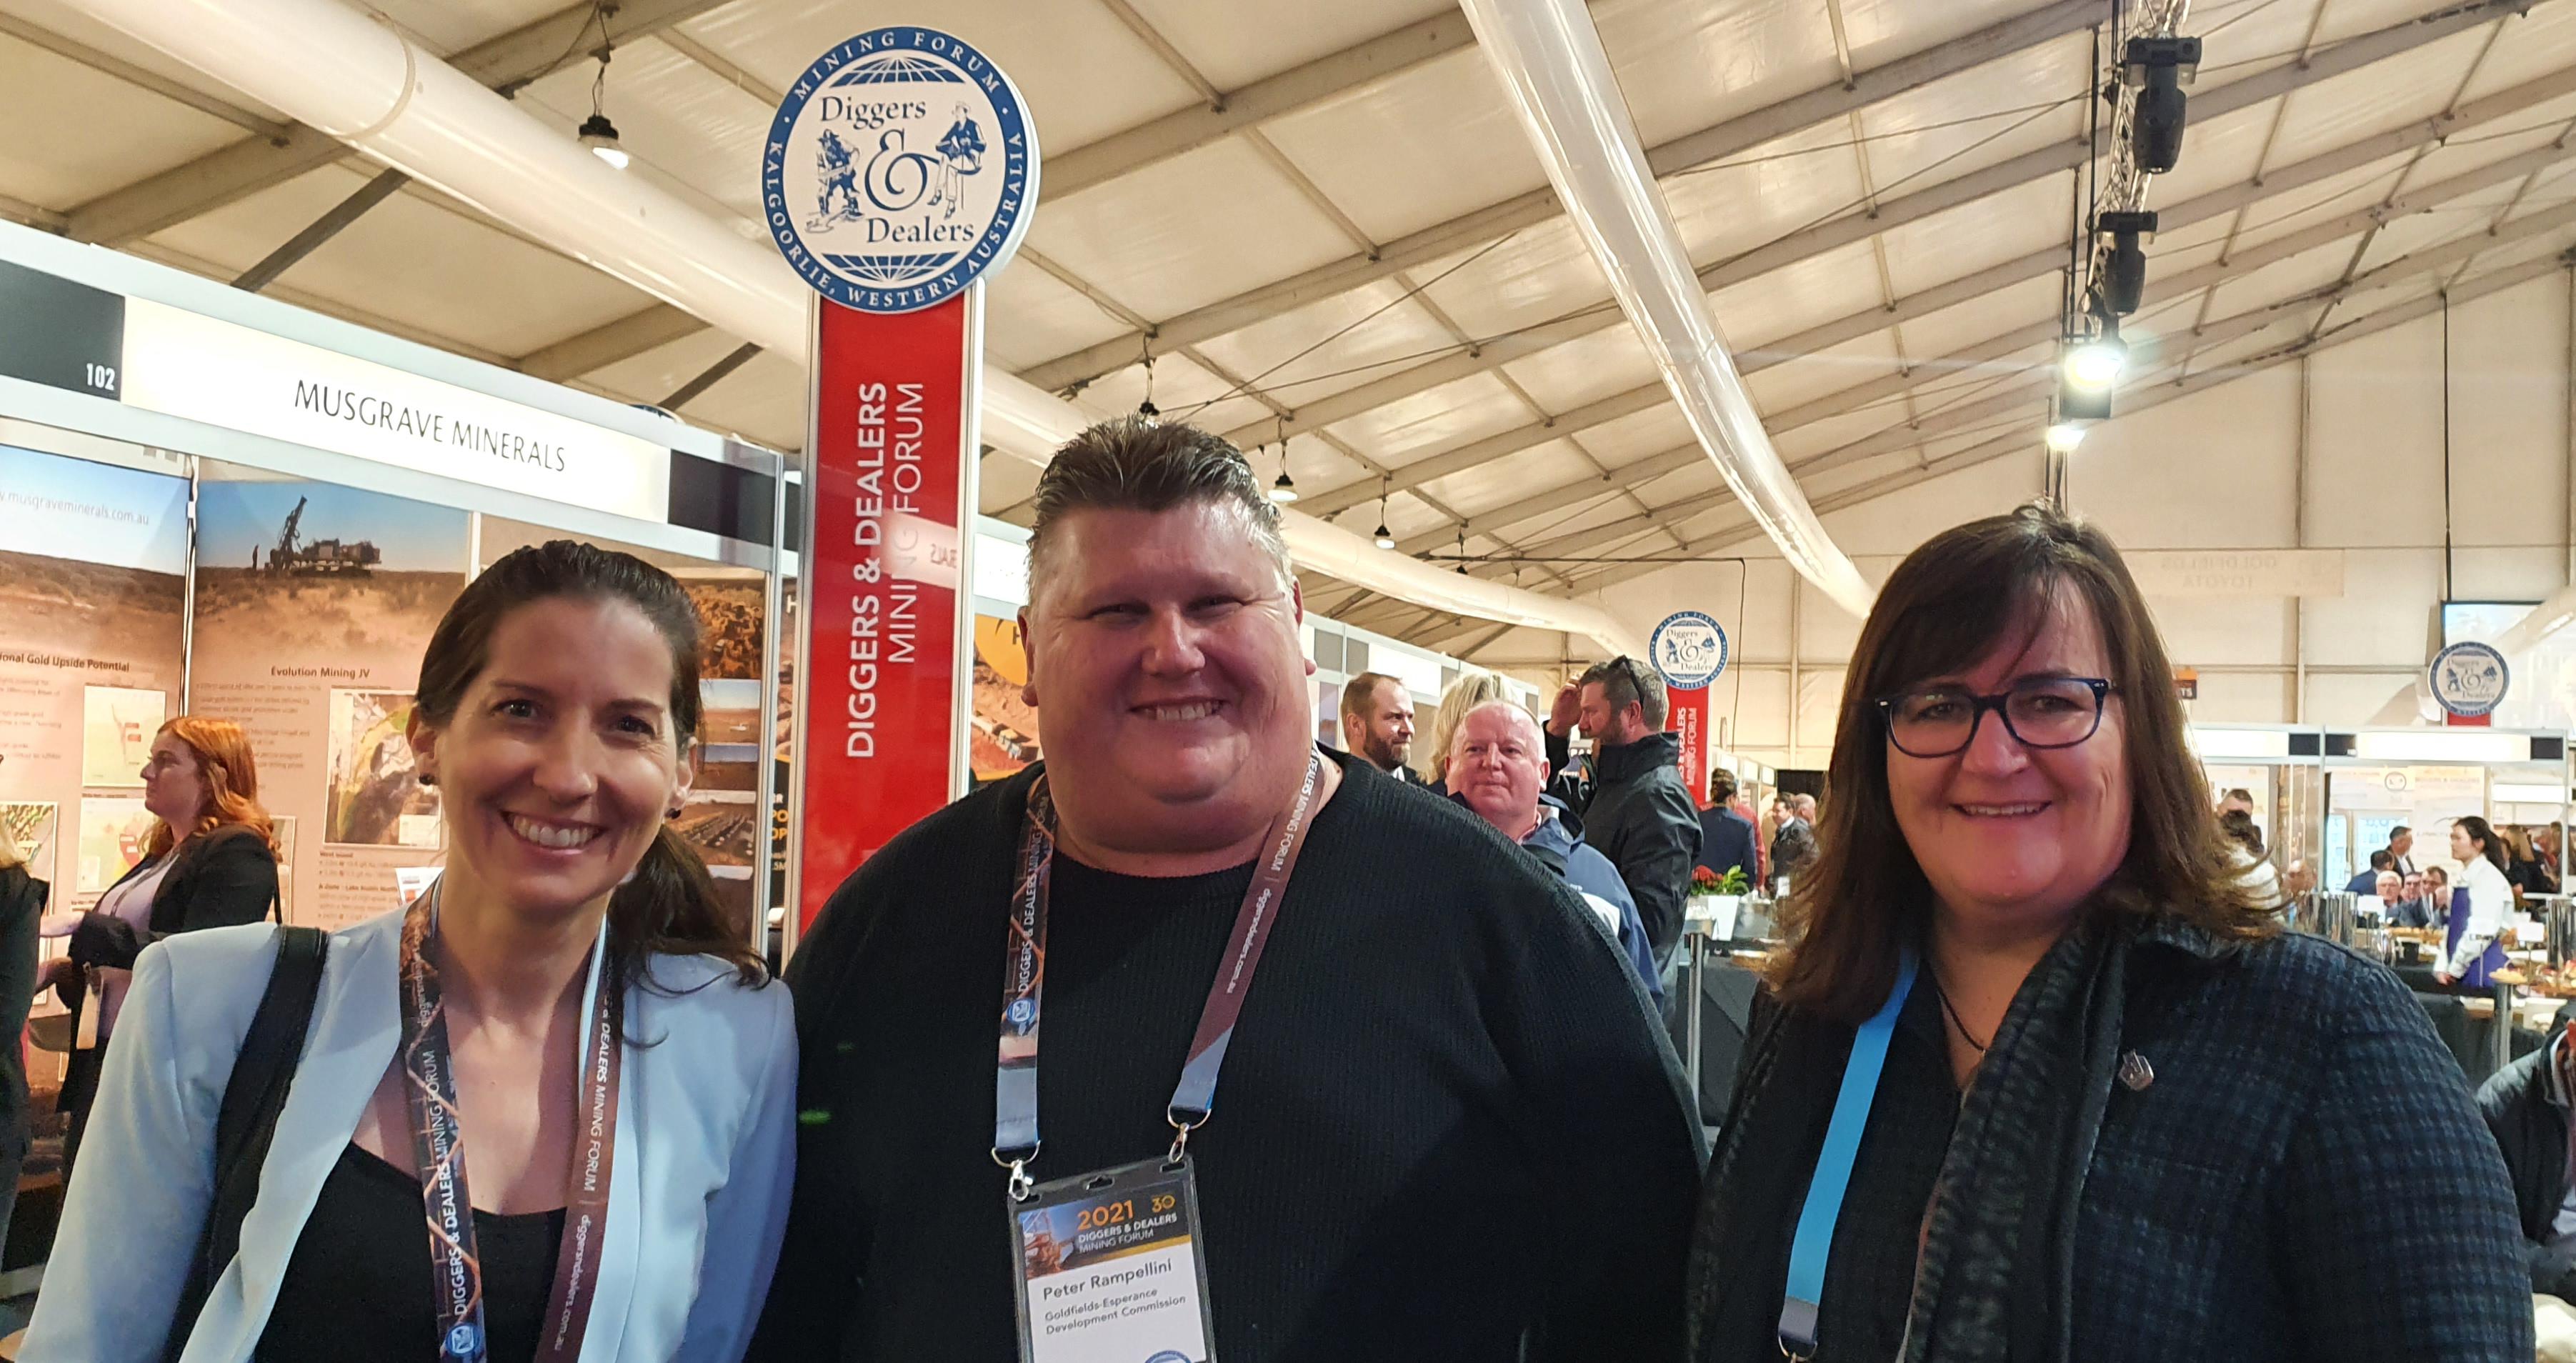 GEDC's Regan Brewer, Peter Rampellini and Sabina Shugg at Diggers and Dealers.